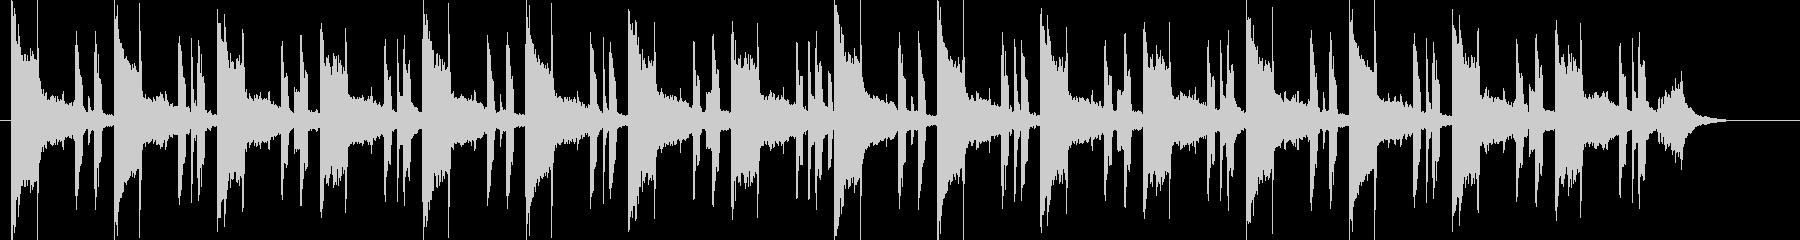 サイケデリックで眠いヒップホップSH版の未再生の波形